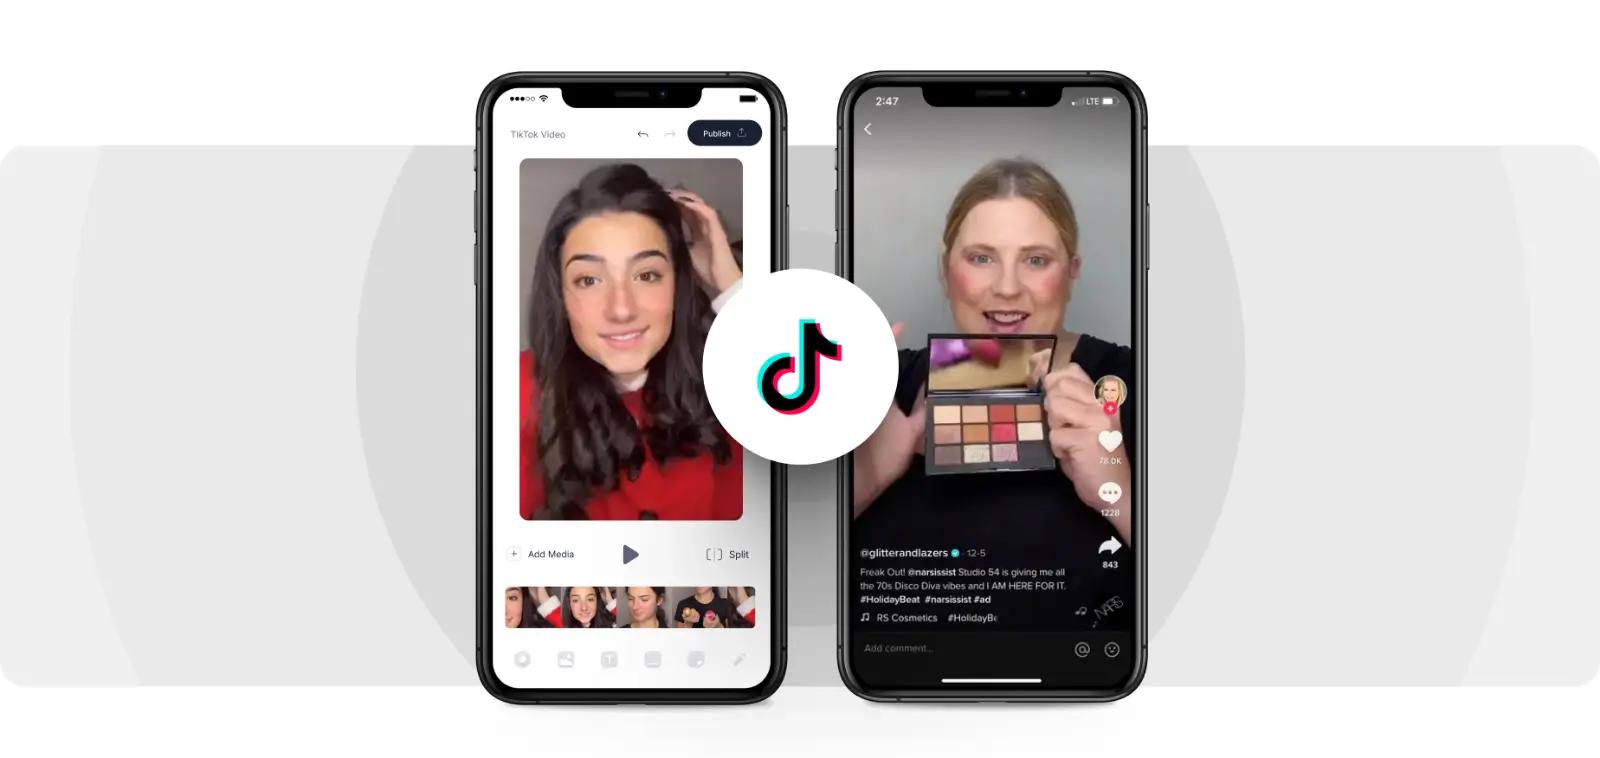 Và chia gương mặt thành 2 nửa, một bên khuôn mặt gốc và một bên được dùng filter mỹ phẩm trang điểm. Khi bạn nhấn vào màn hình sẽ chuyển sang chế độ màn hình sáng. Chúng ta quay clip như thông thường rồi nhấn dấu tích để chọn clip đăng lên.